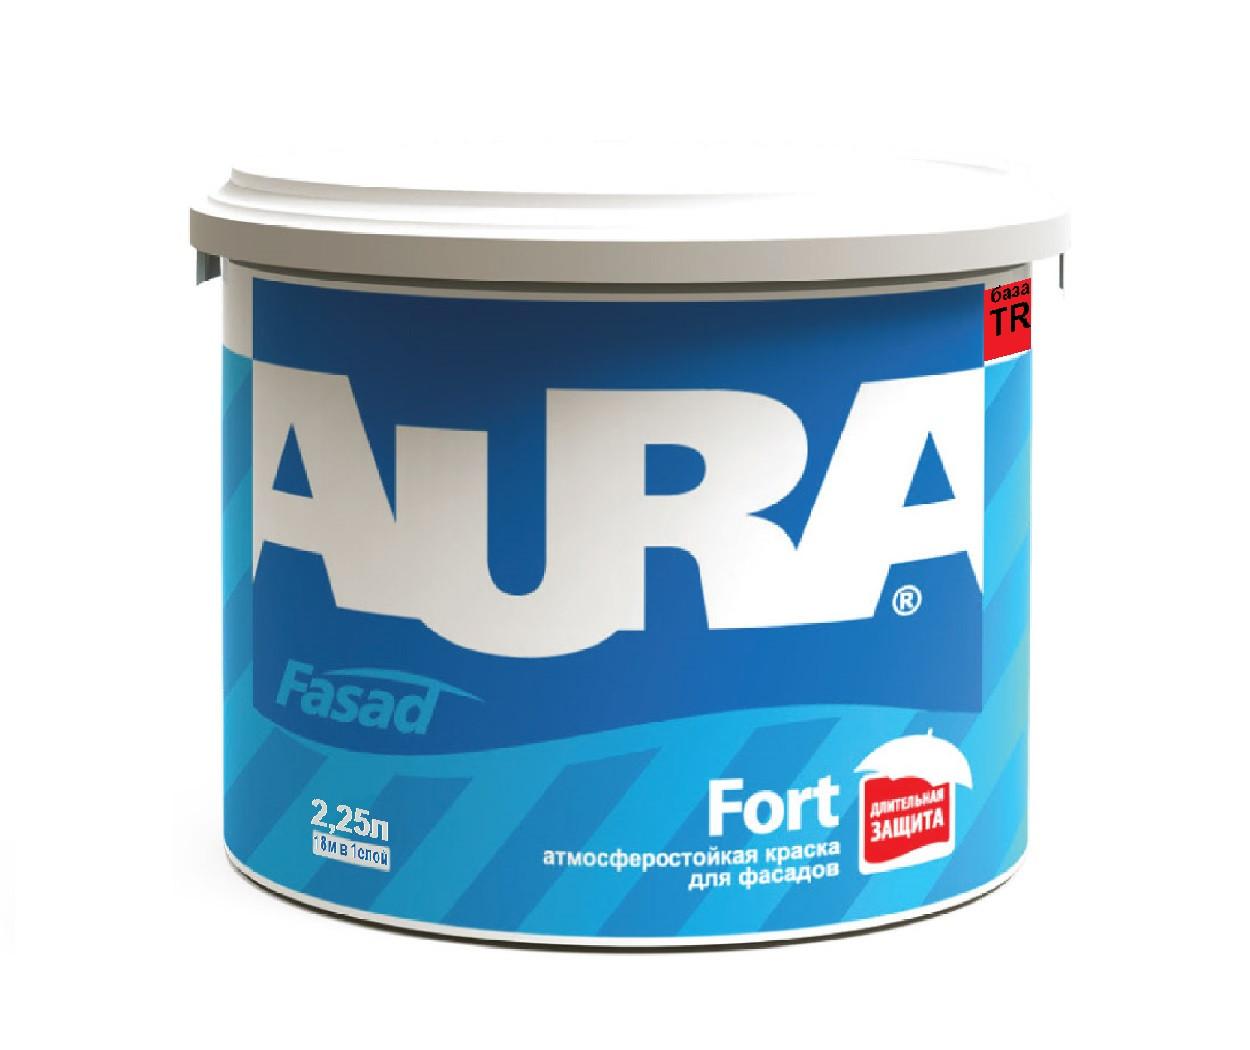 Краска силиконизированная AURA FASAD FORT фасадная база TR-транспарентная 2,25л